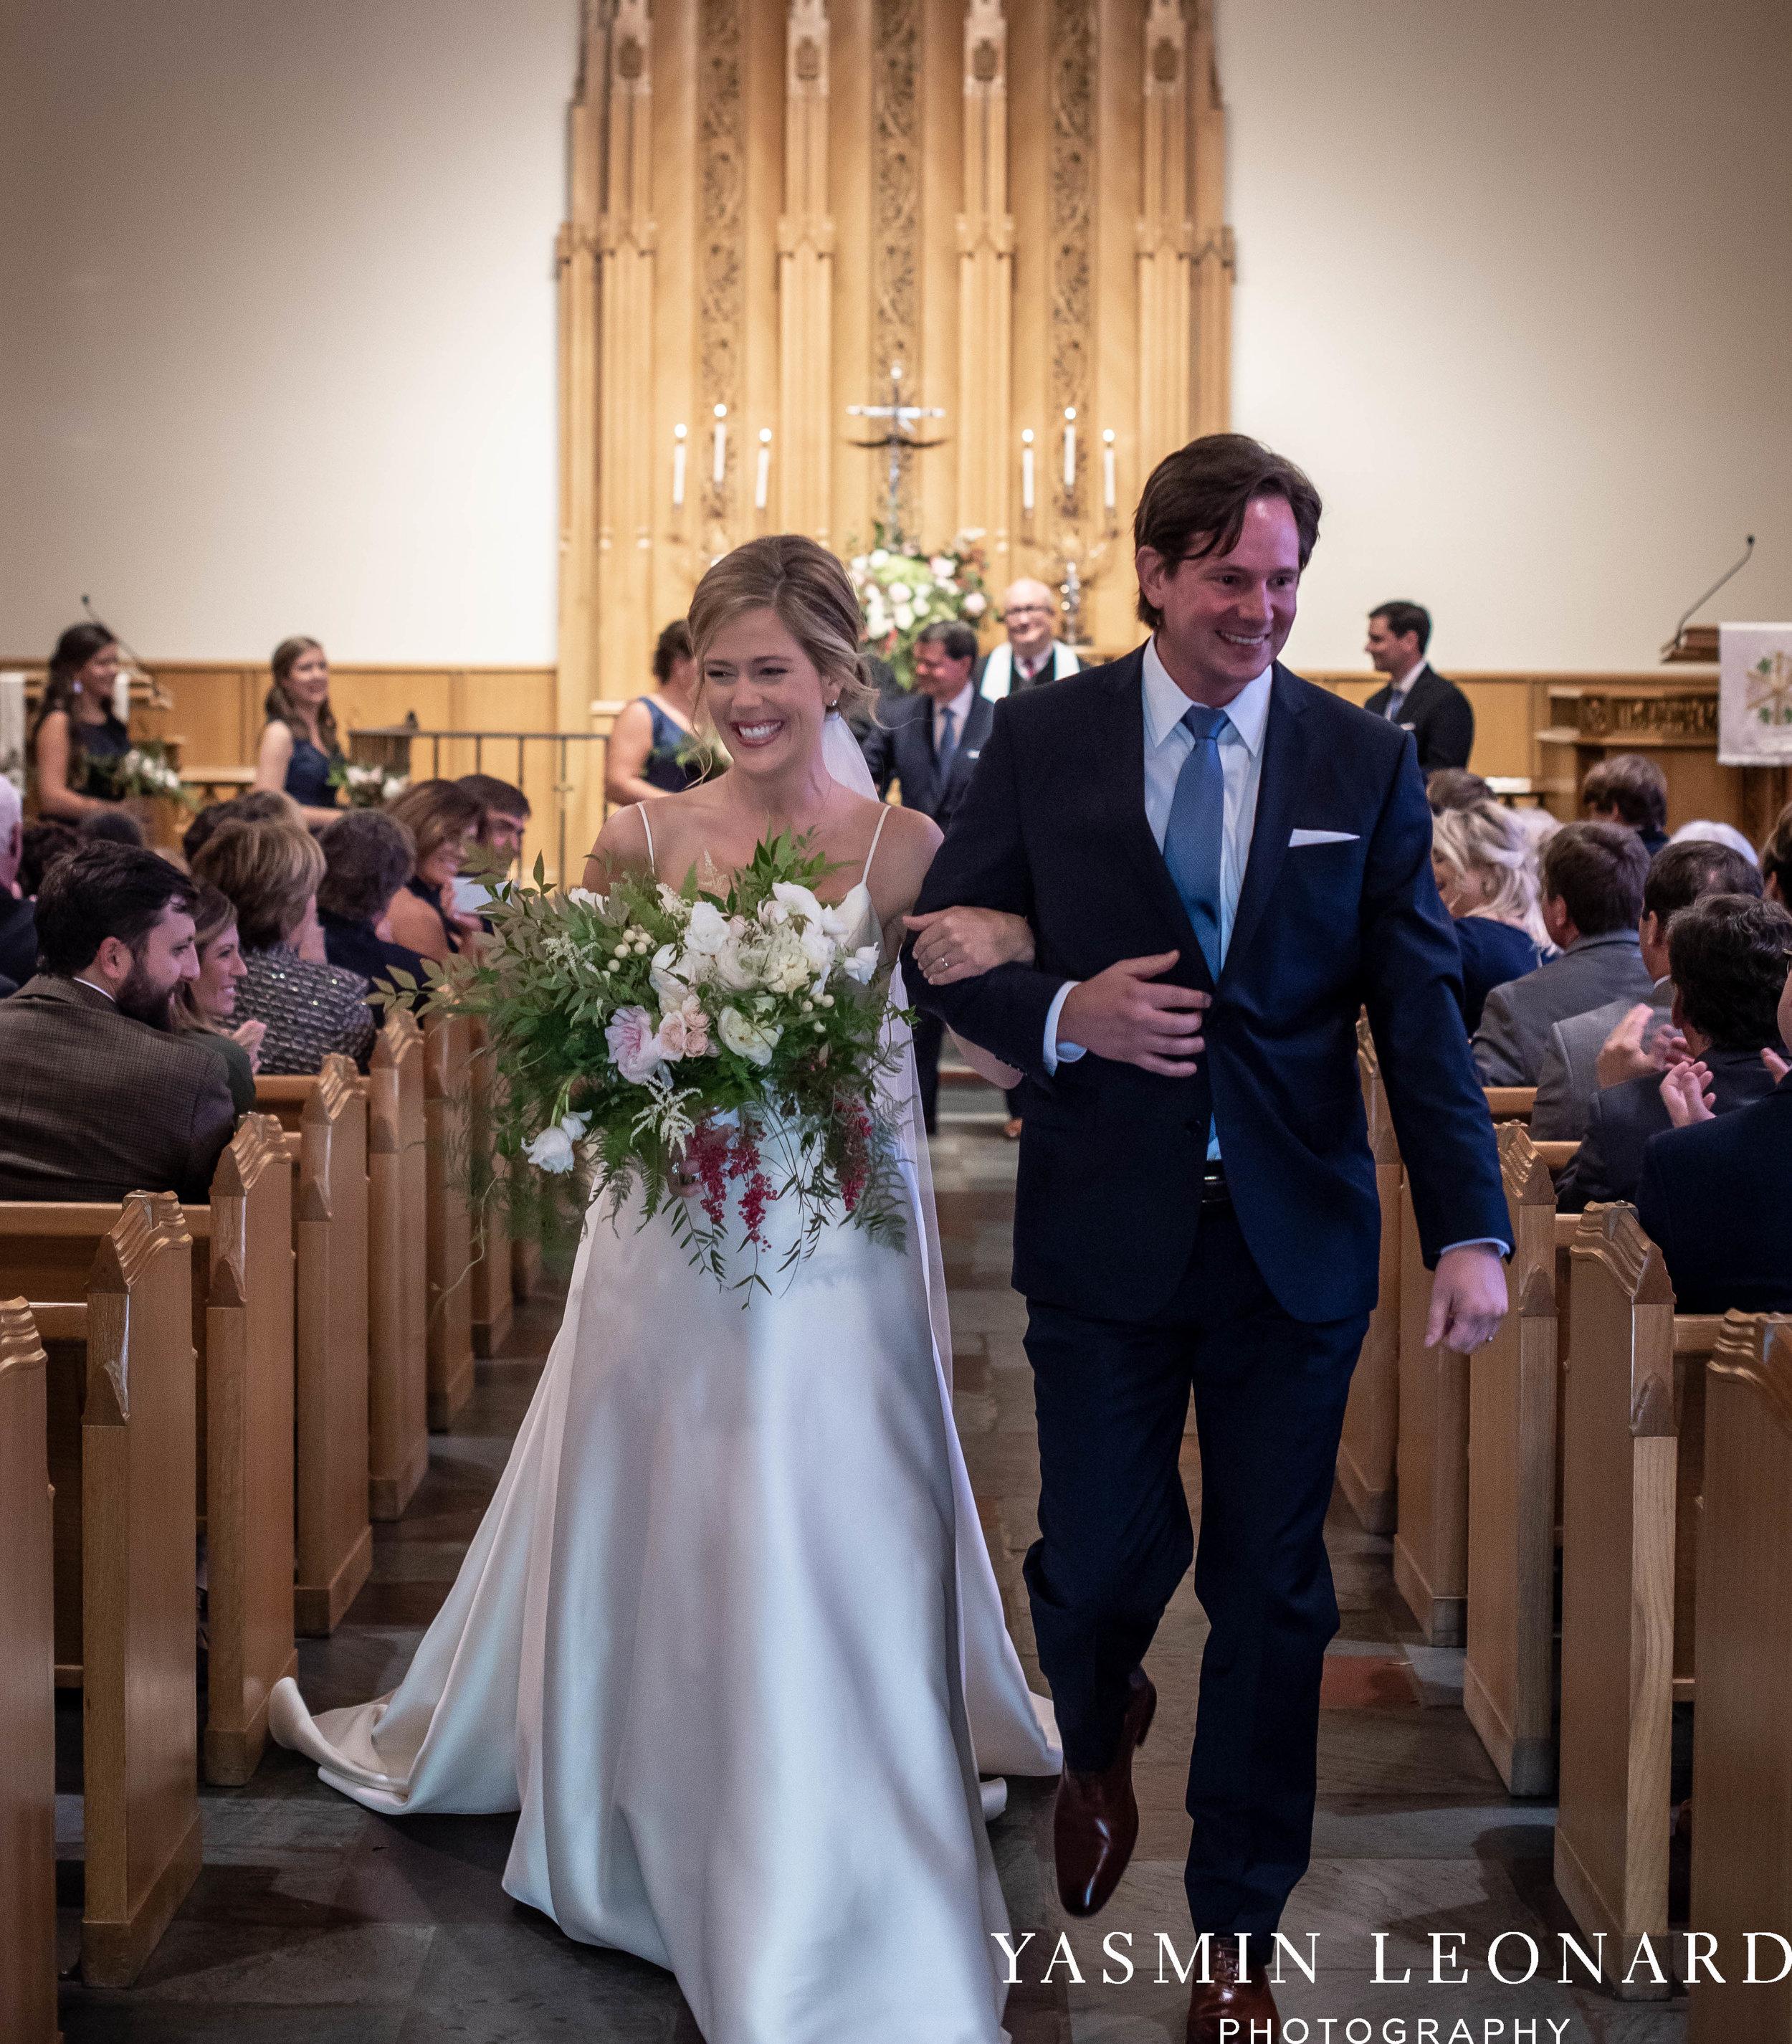 Wesley Memorial United Methodist Church - EmeryWood - High Point Weddings - High Point Wedding Photographer - NC Wedding Photographer - Yasmin Leonard Photography-29.jpg